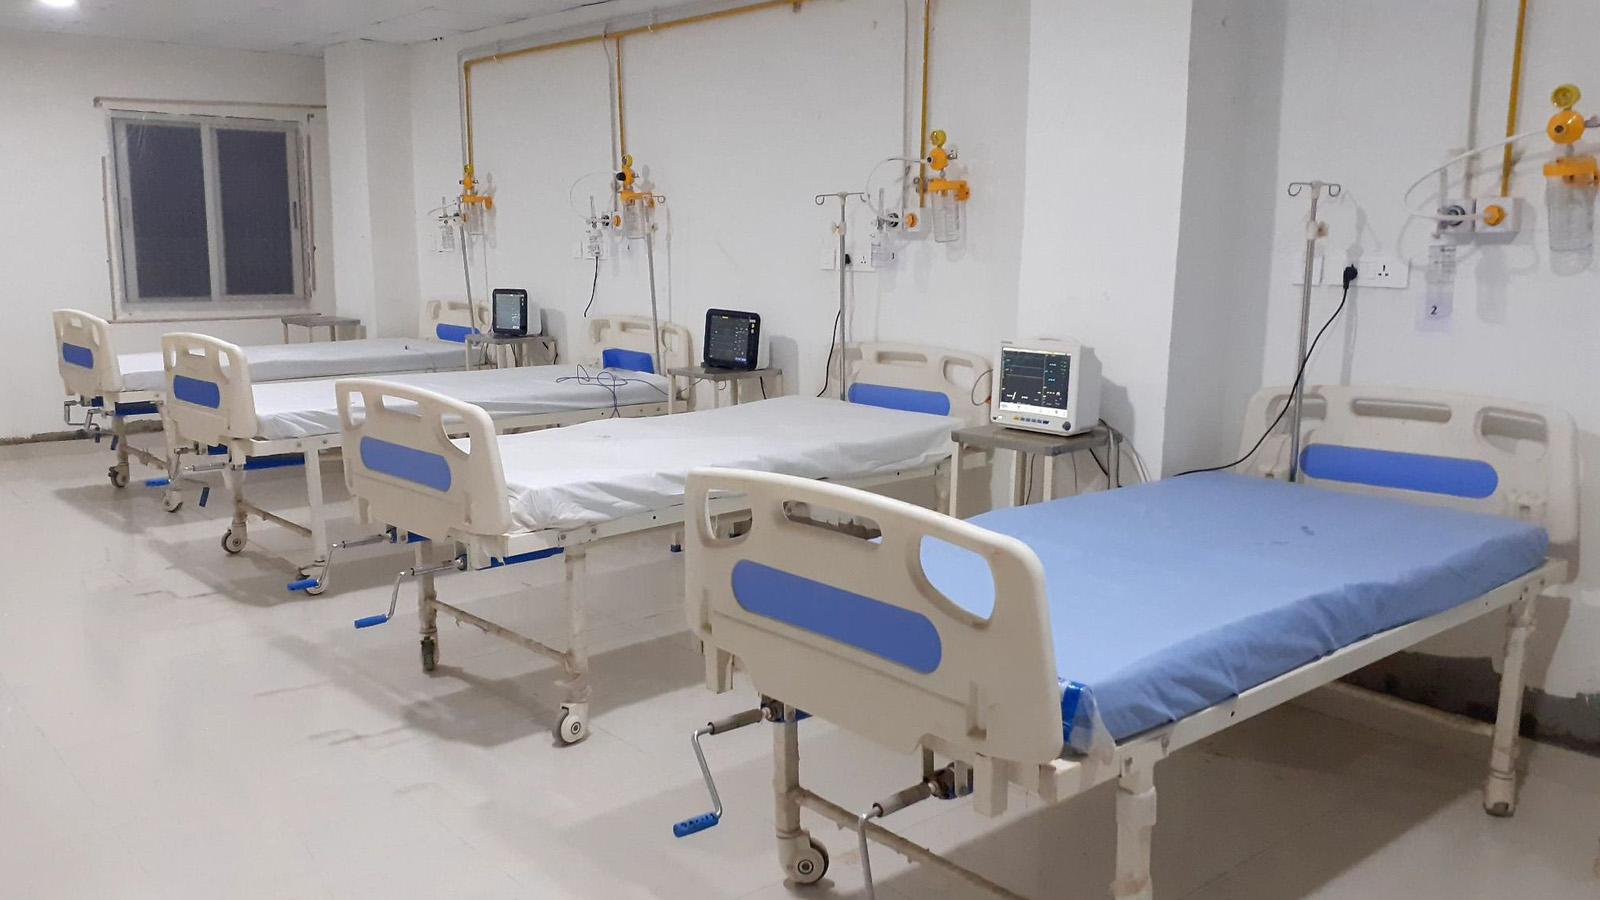 जटिल प्रकृतिका संक्रमितका कारण अस्पताल भरियो, आइशोलेसन रित्तै